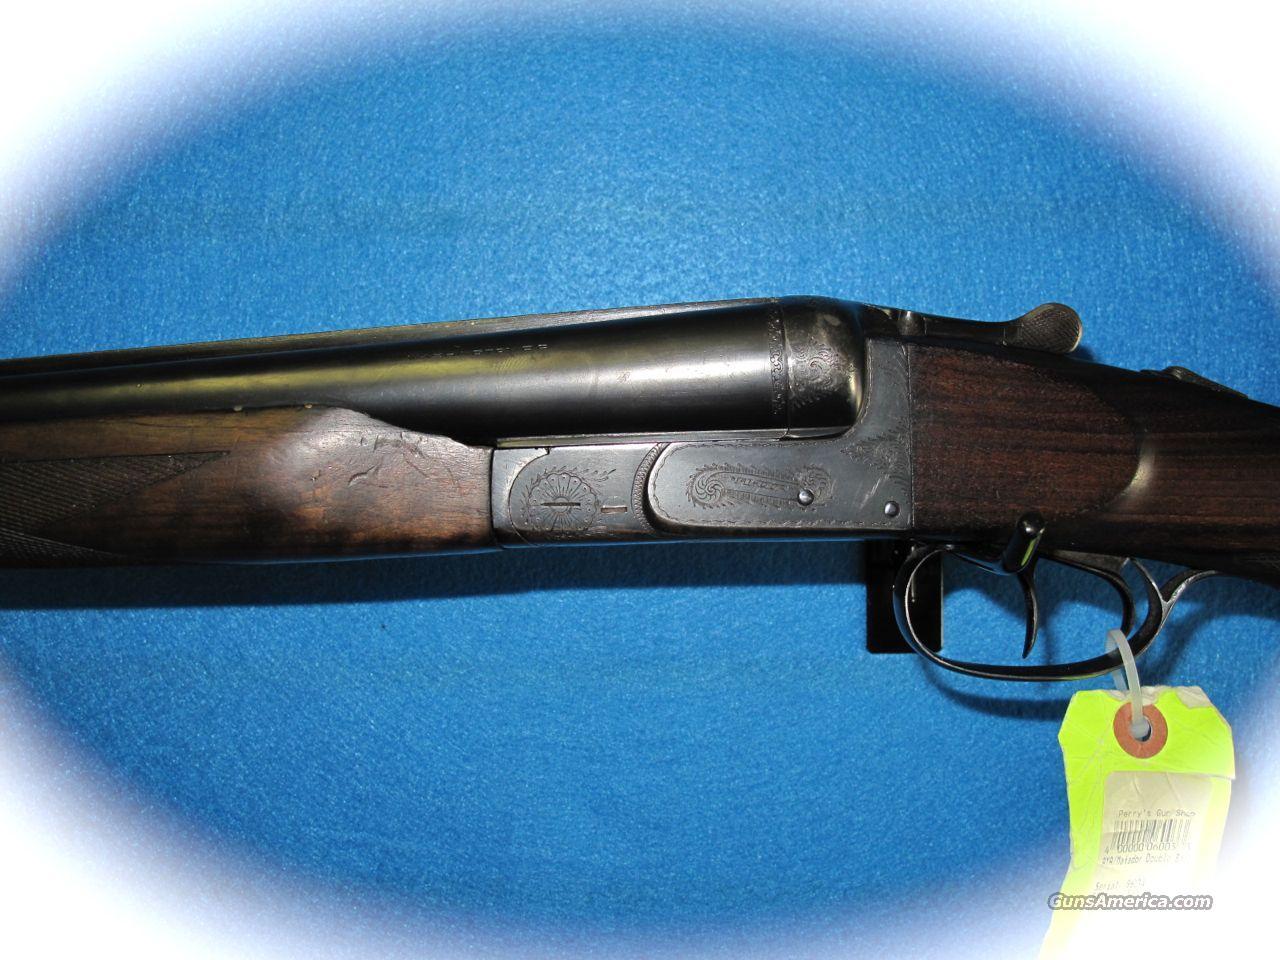 Aya matador 10 gauge double barrel sxs shotgun used